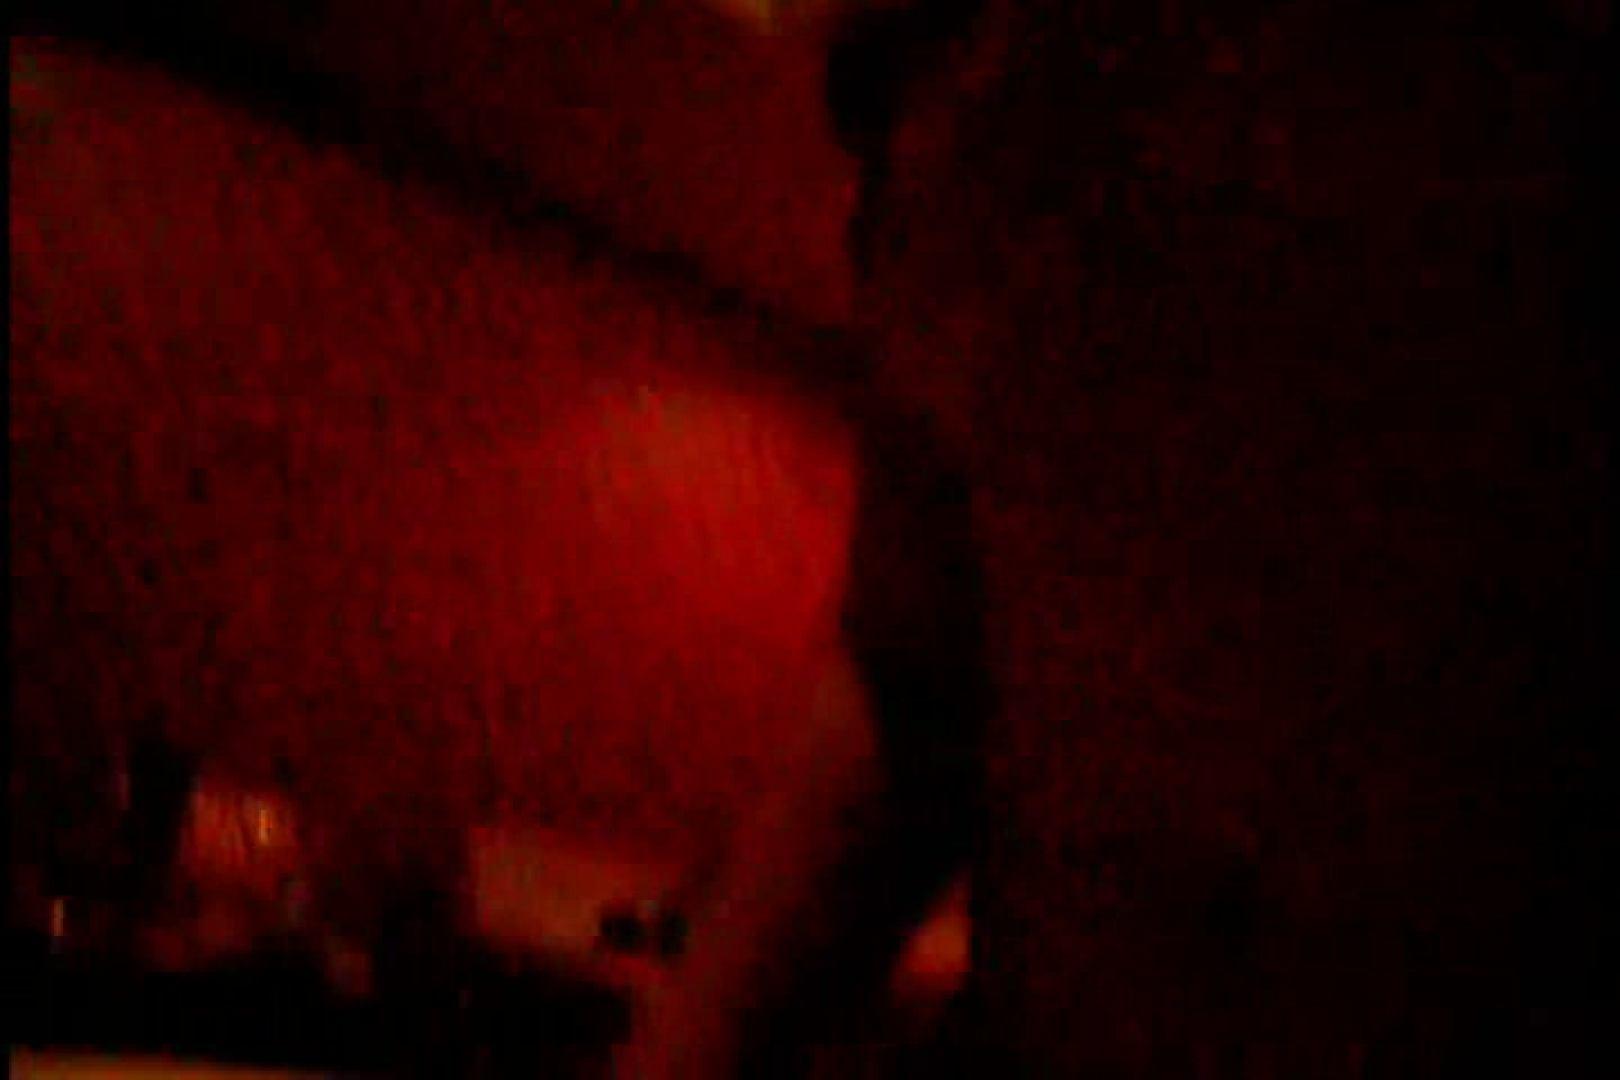 某掲示板に投稿された素人女性たちVOL.9 ホテル   素人流出  94PIX 31